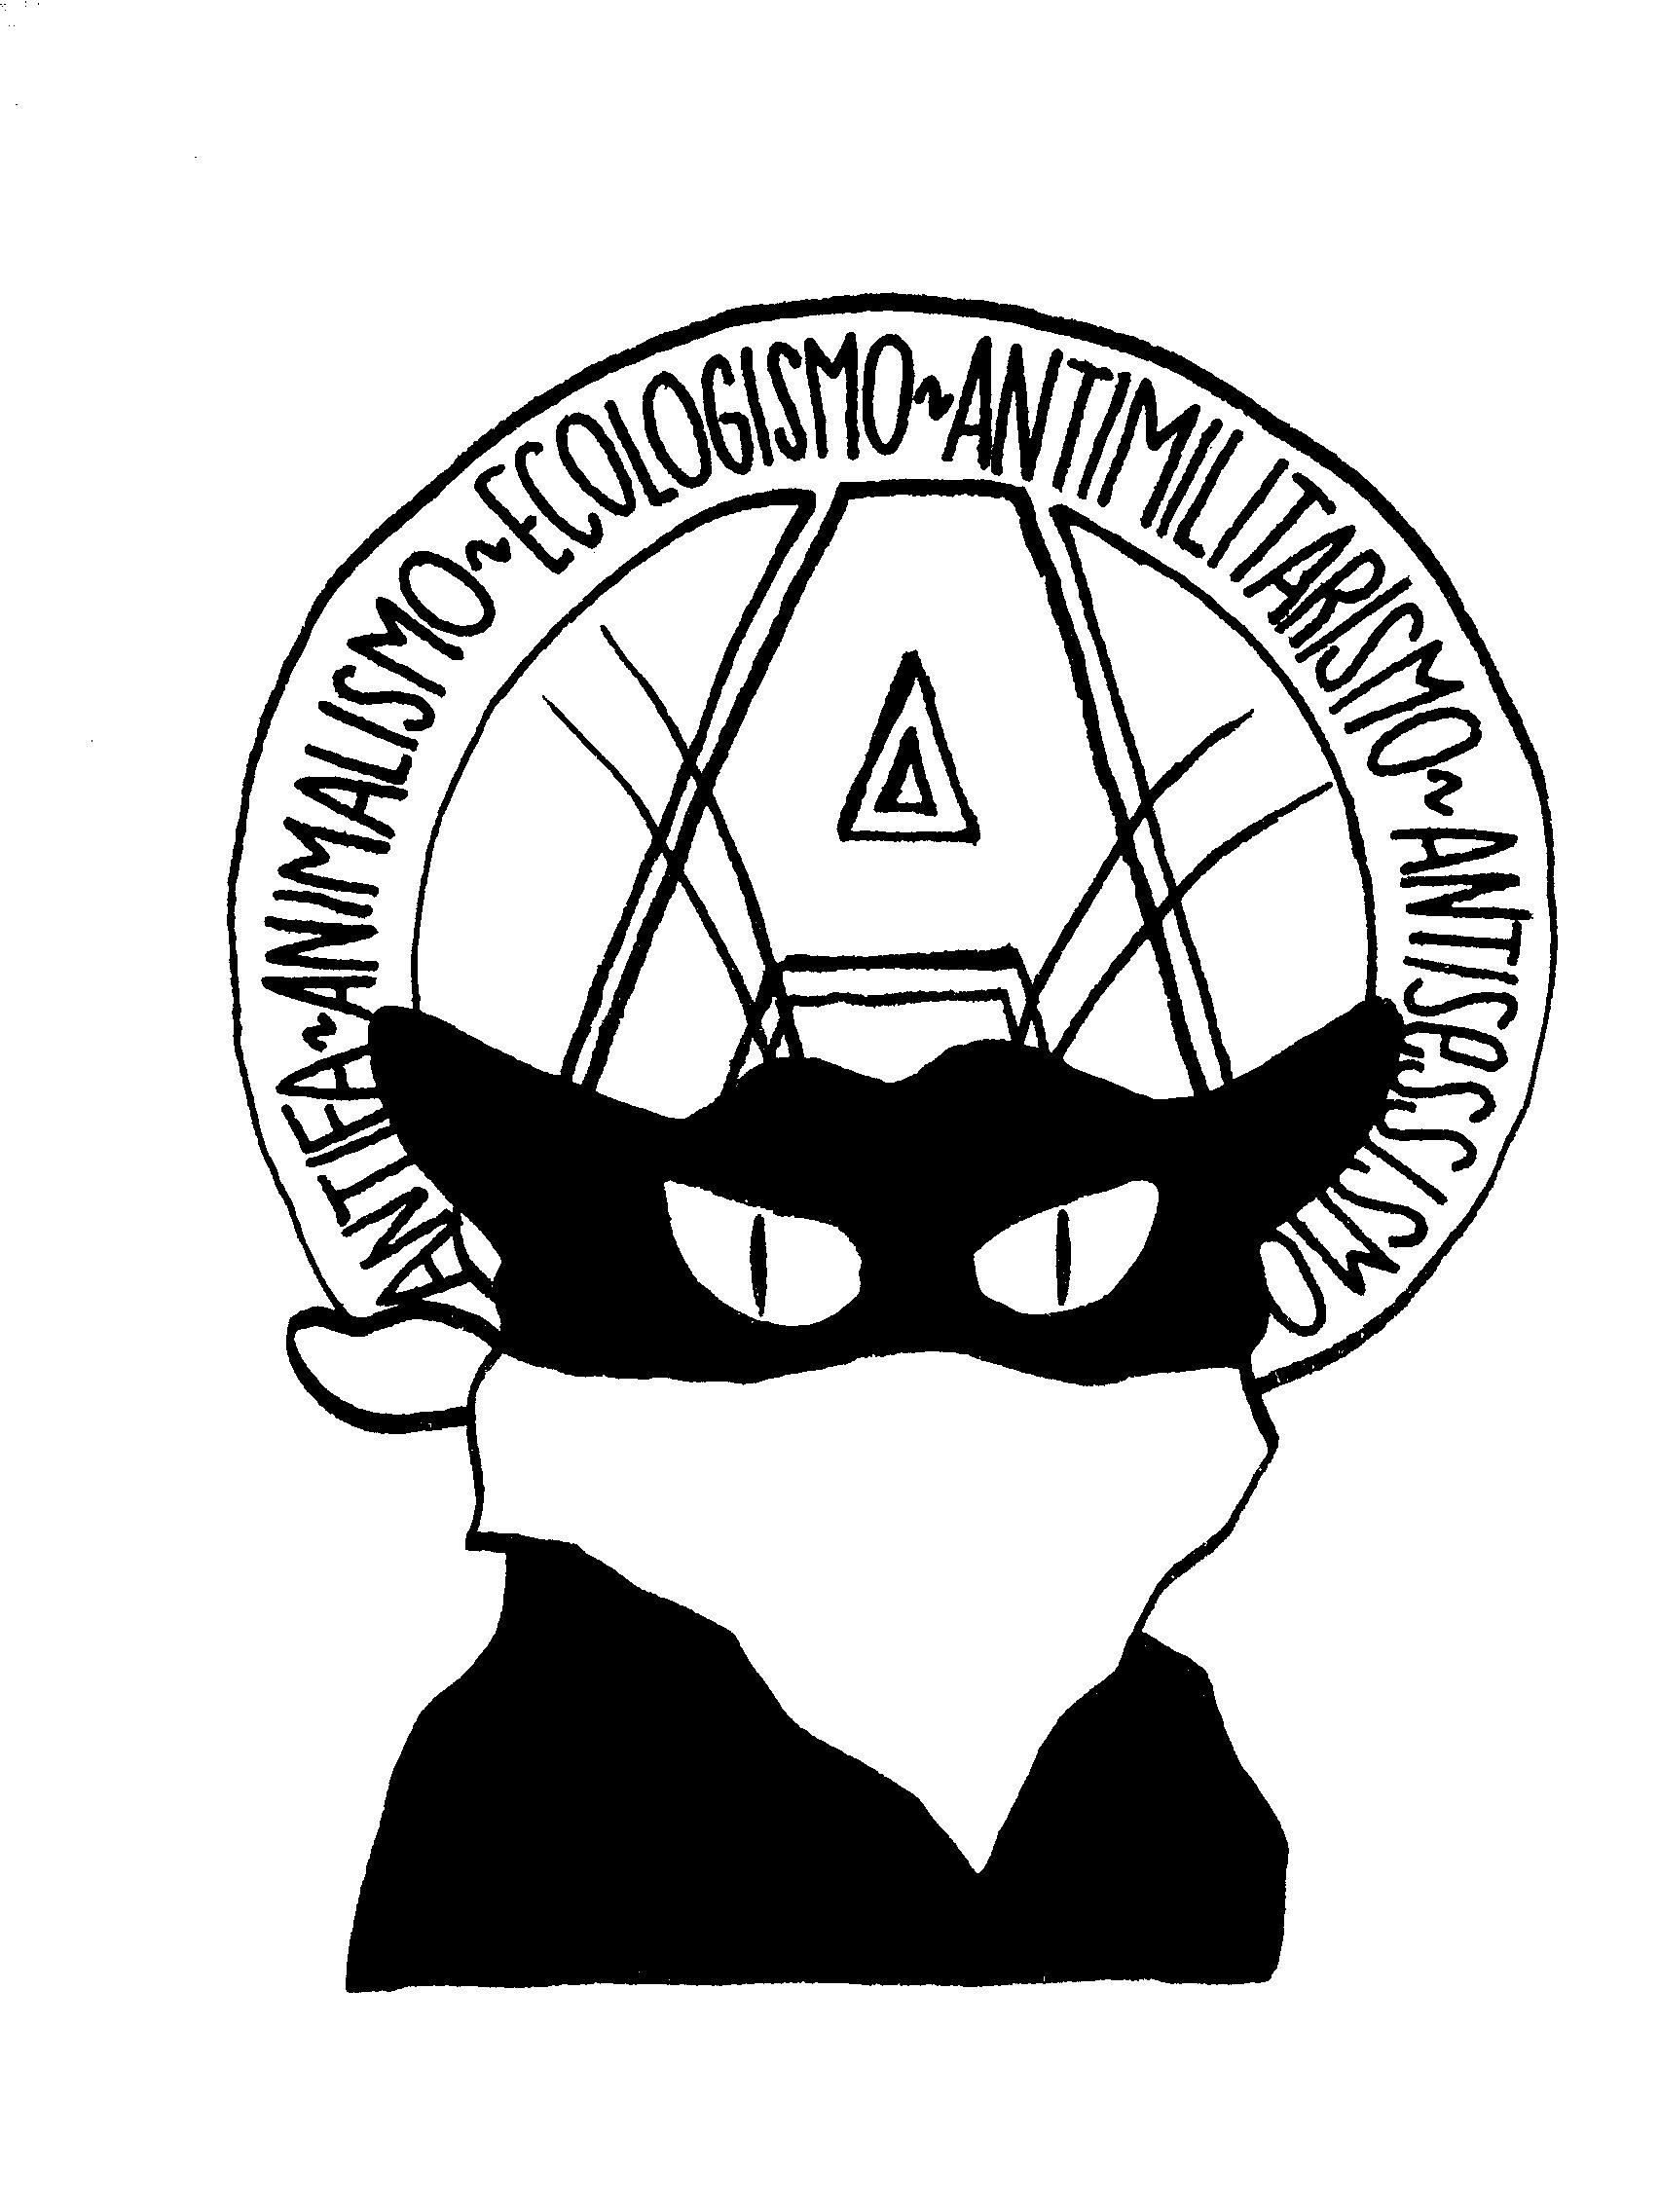 volantino antimilitarista antisessista ecologista anti fascismo antifa anti sessismo pirate disegno anarchia gatto vicenza antagonista libertaria anarchica berici carta inchiostro acrilico pennello penna